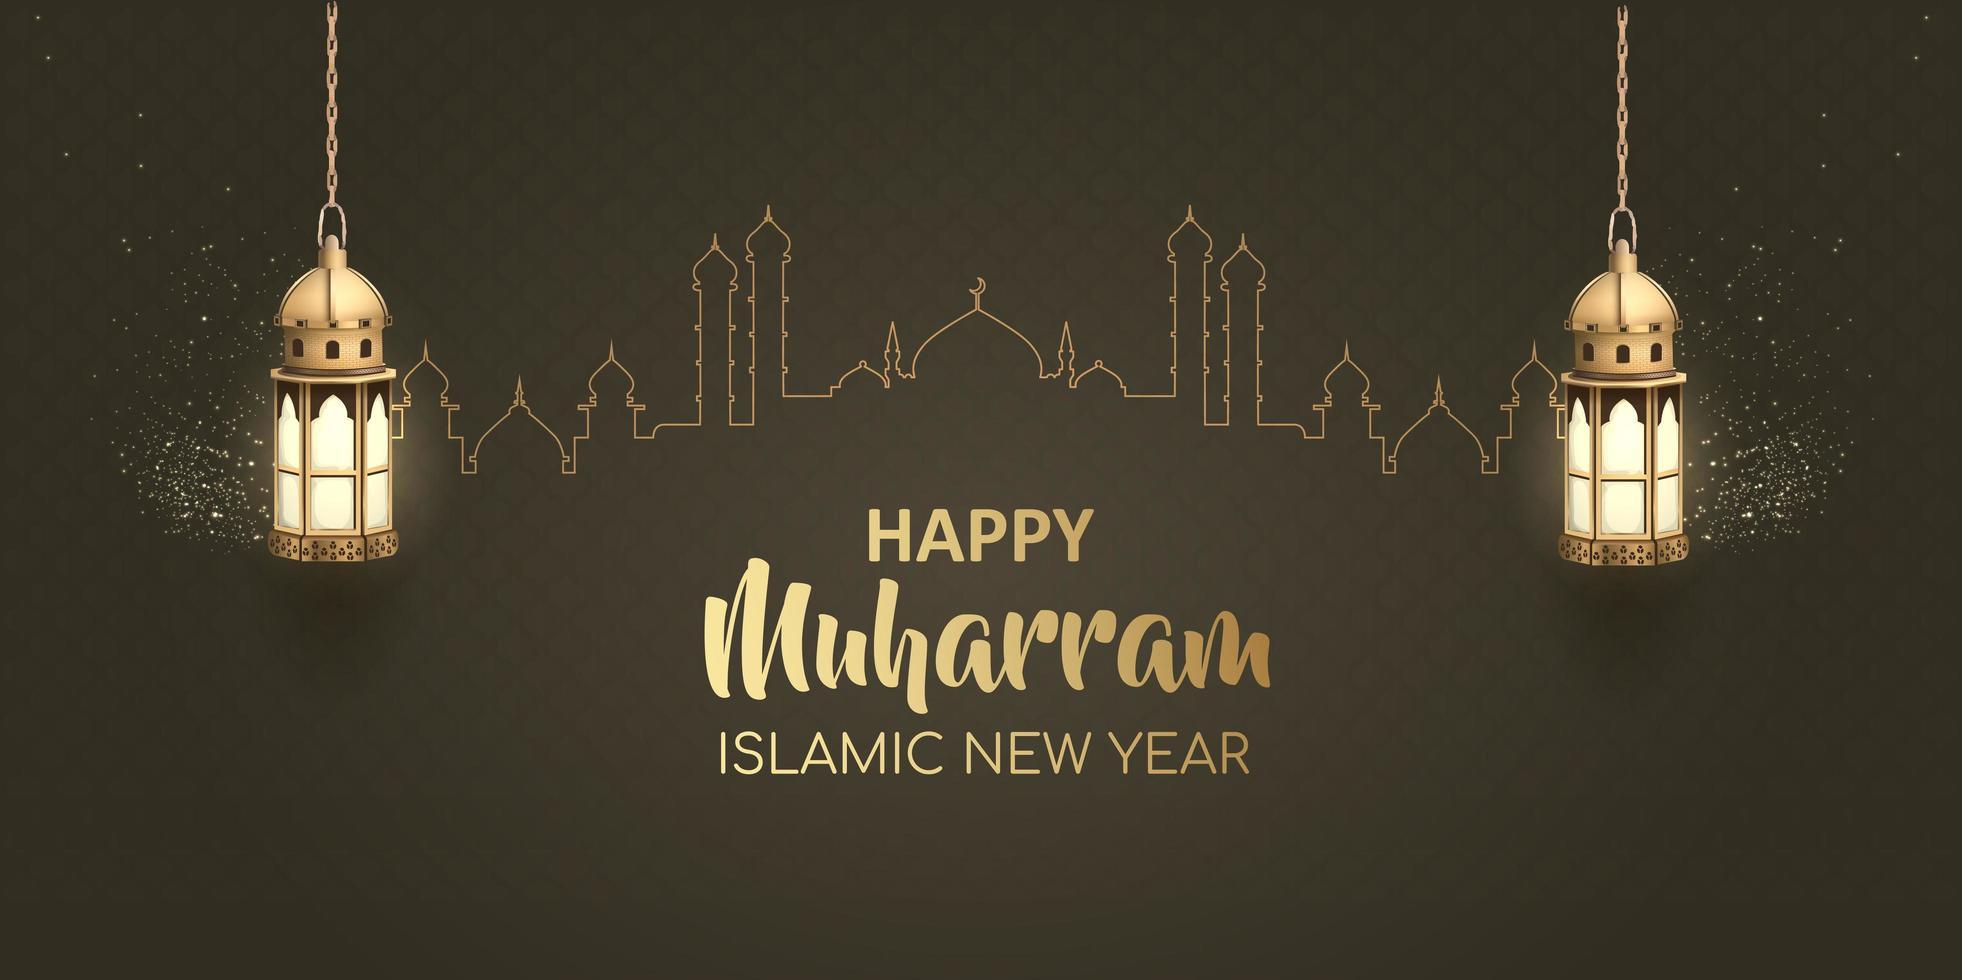 felice anno nuovo design islamico muharram vettore